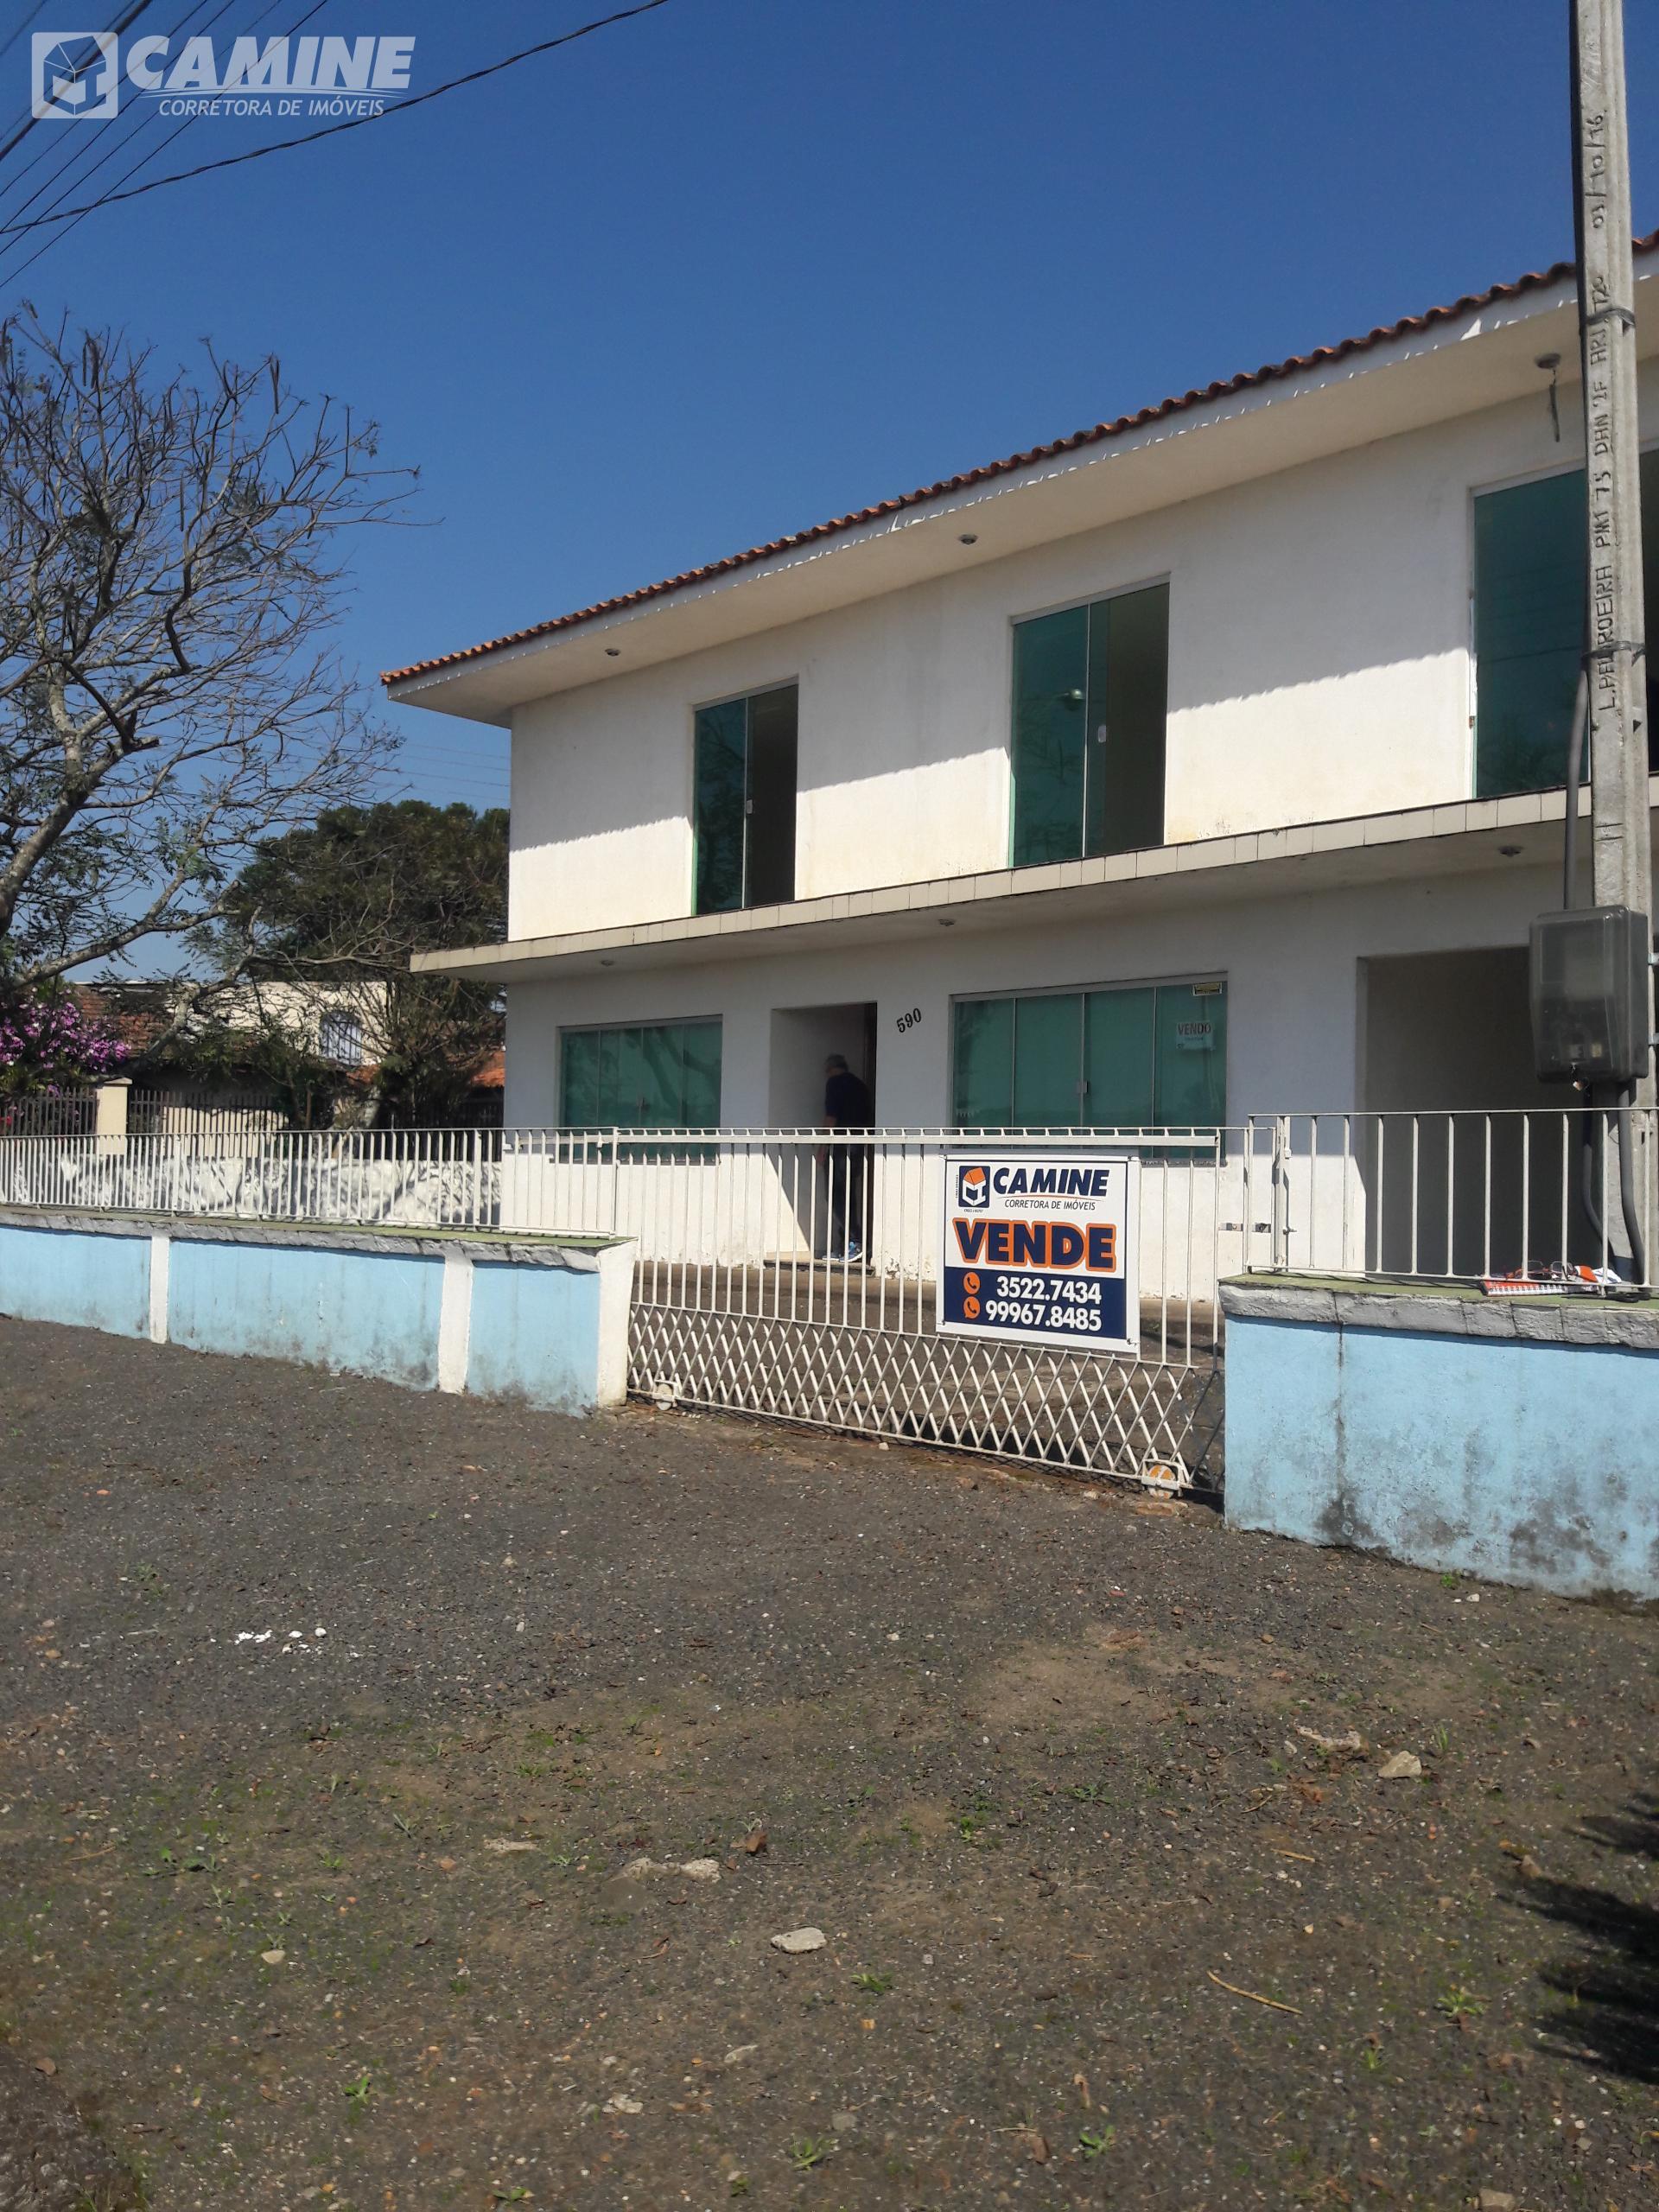 SOBRADO SAGRADA FAMILIA - UNIAO DA VITORIA/PR